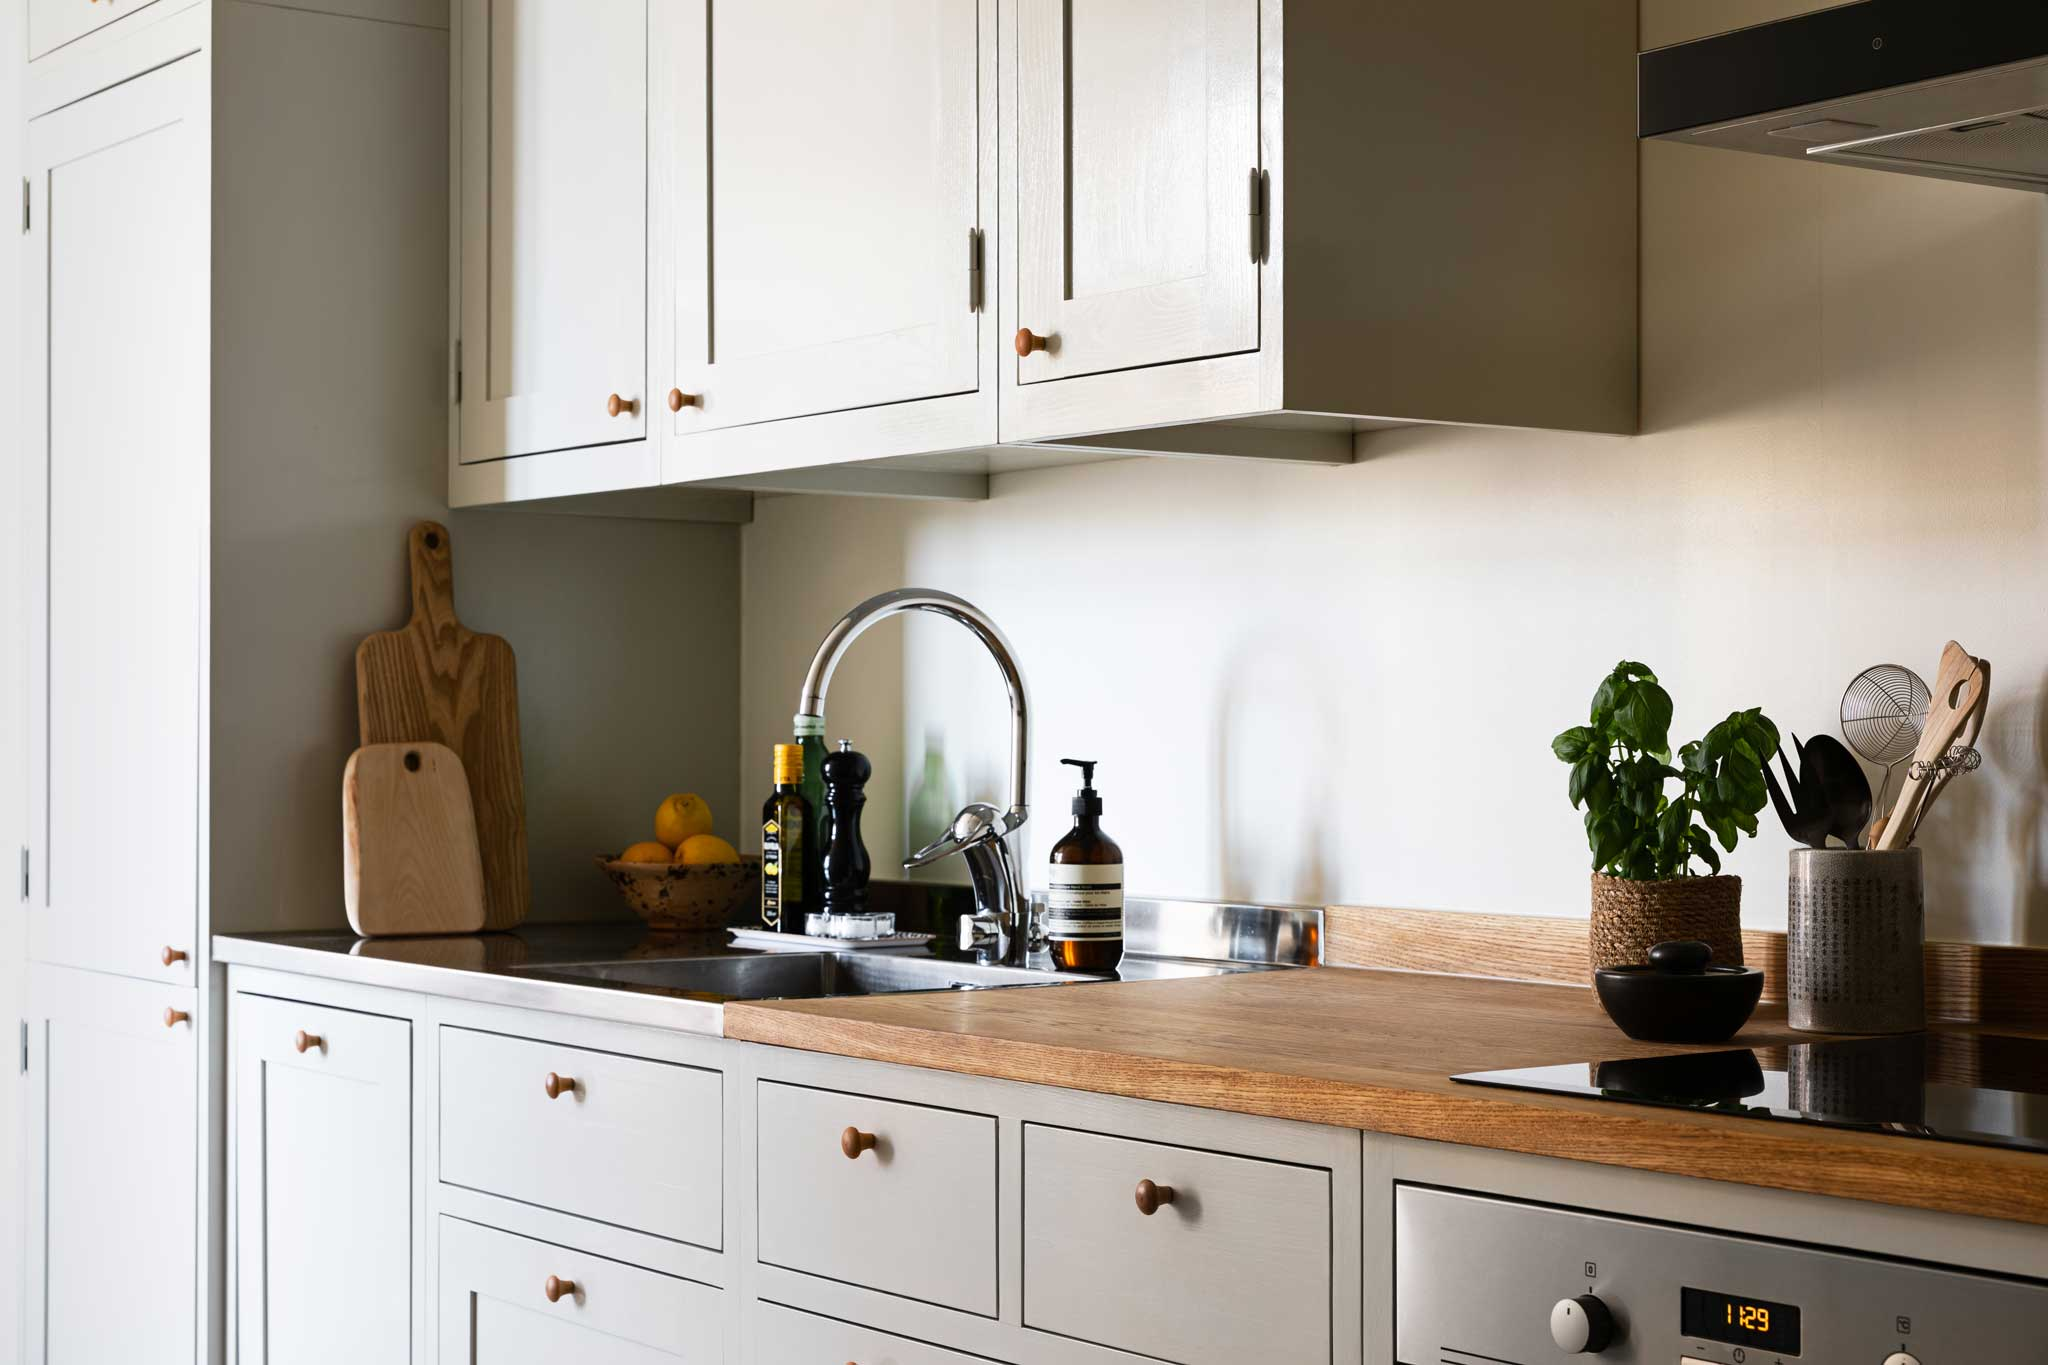 Köksinspiration vaskskåp ljusgrått kök i majorna från Skandinaviska Shakerkök 3